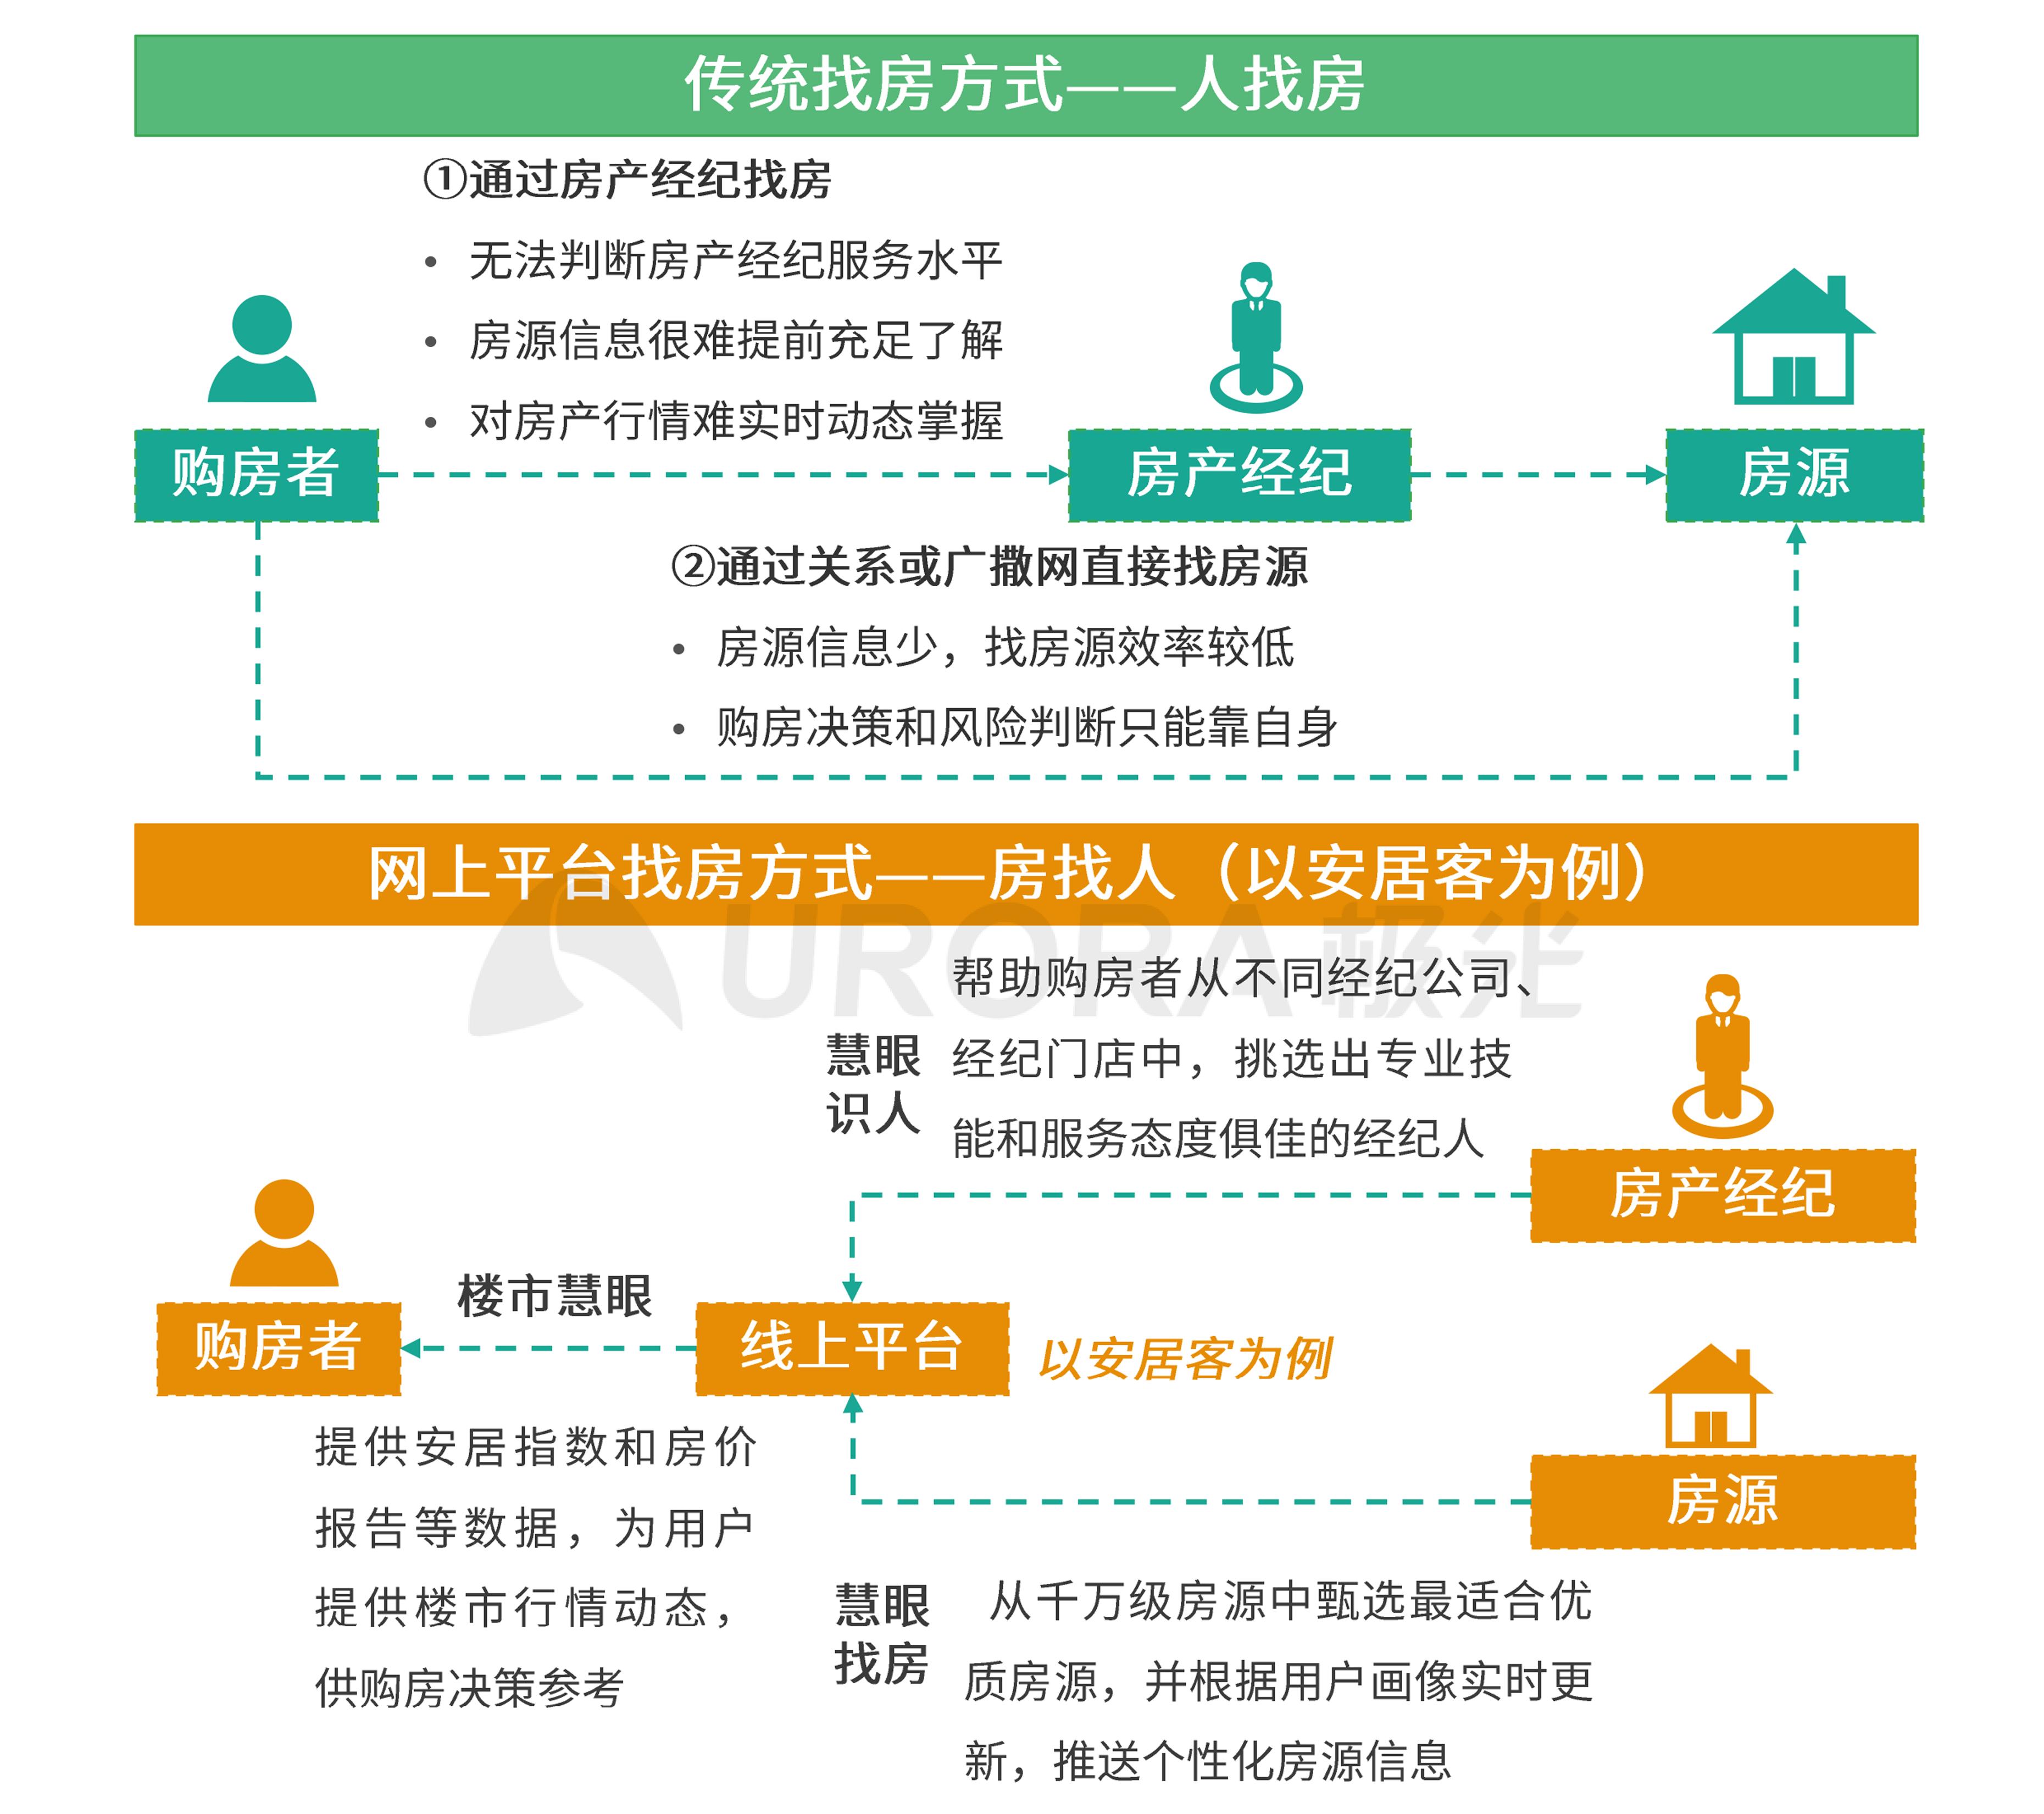 极光:2020年房产经纪行业和购房市场洞察报告 (38).png